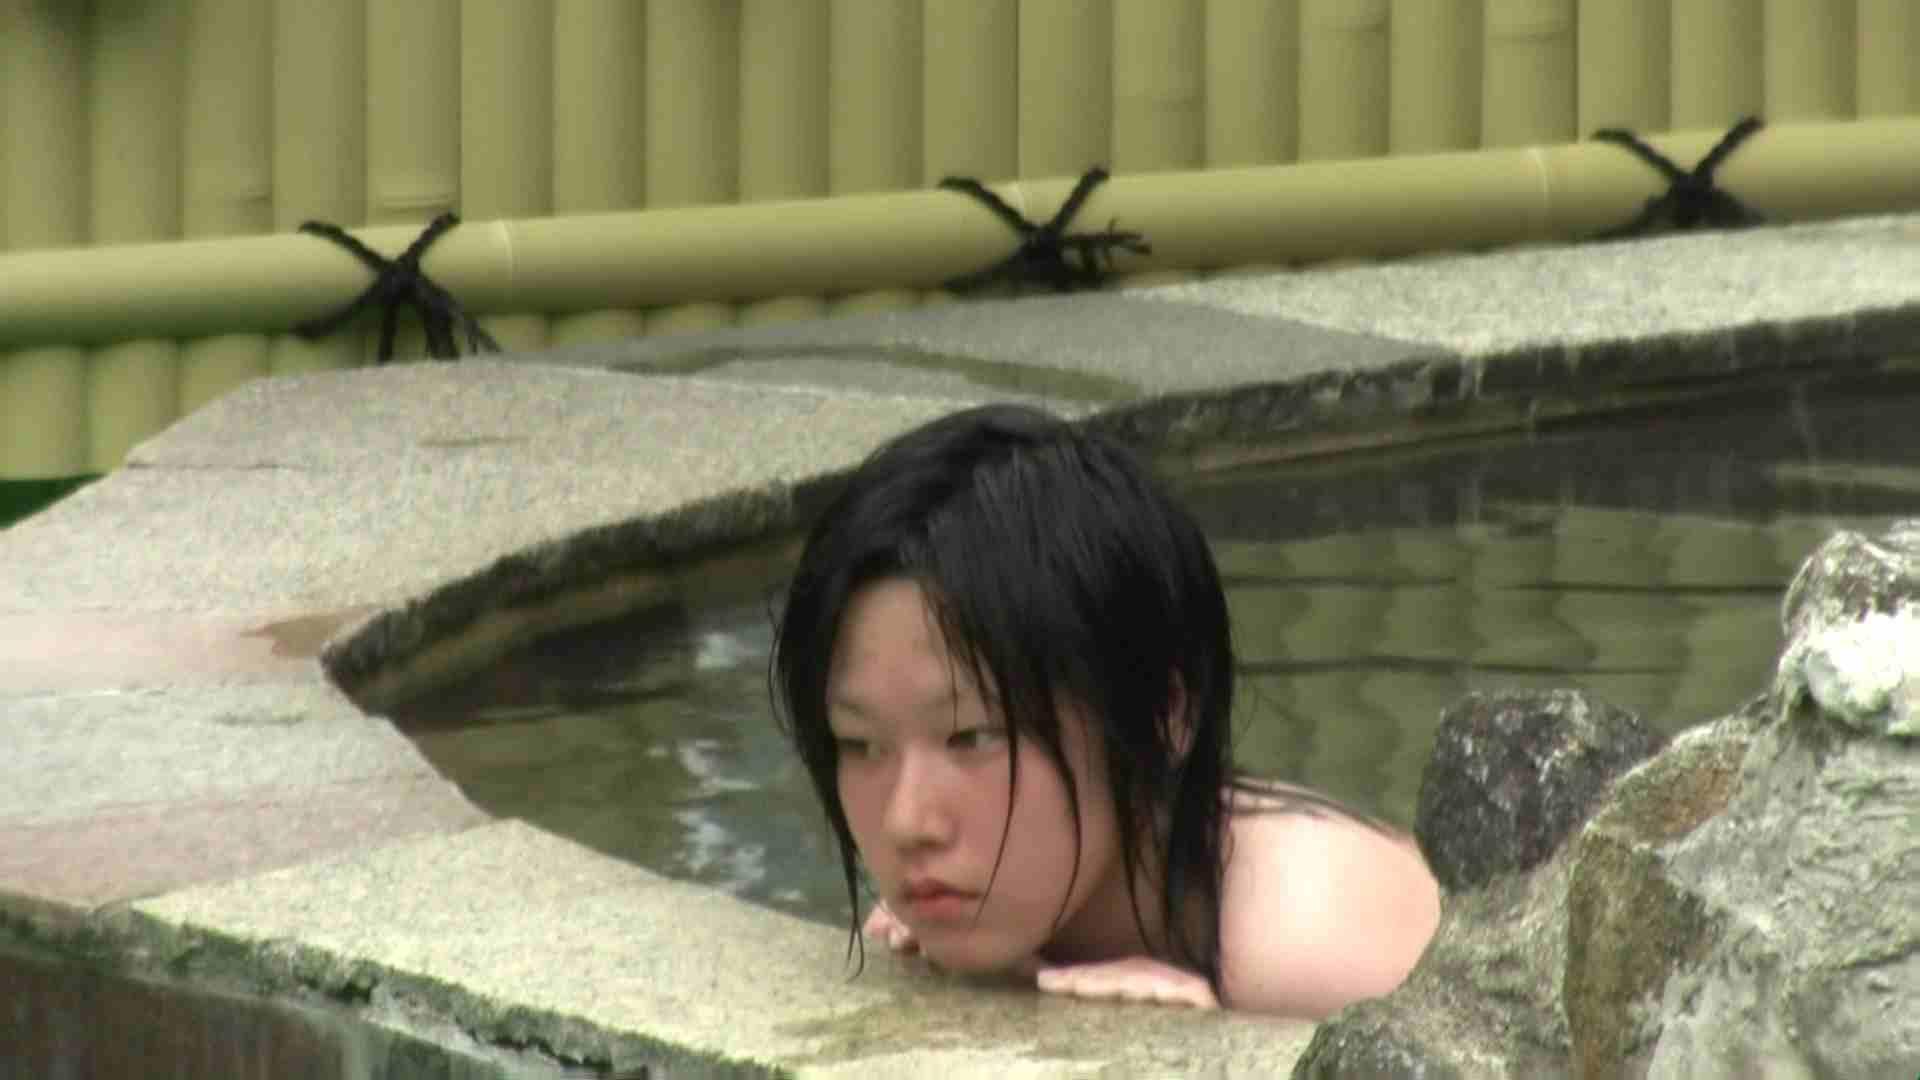 Aquaな露天風呂Vol.36 盗撮シリーズ  99PIX 8